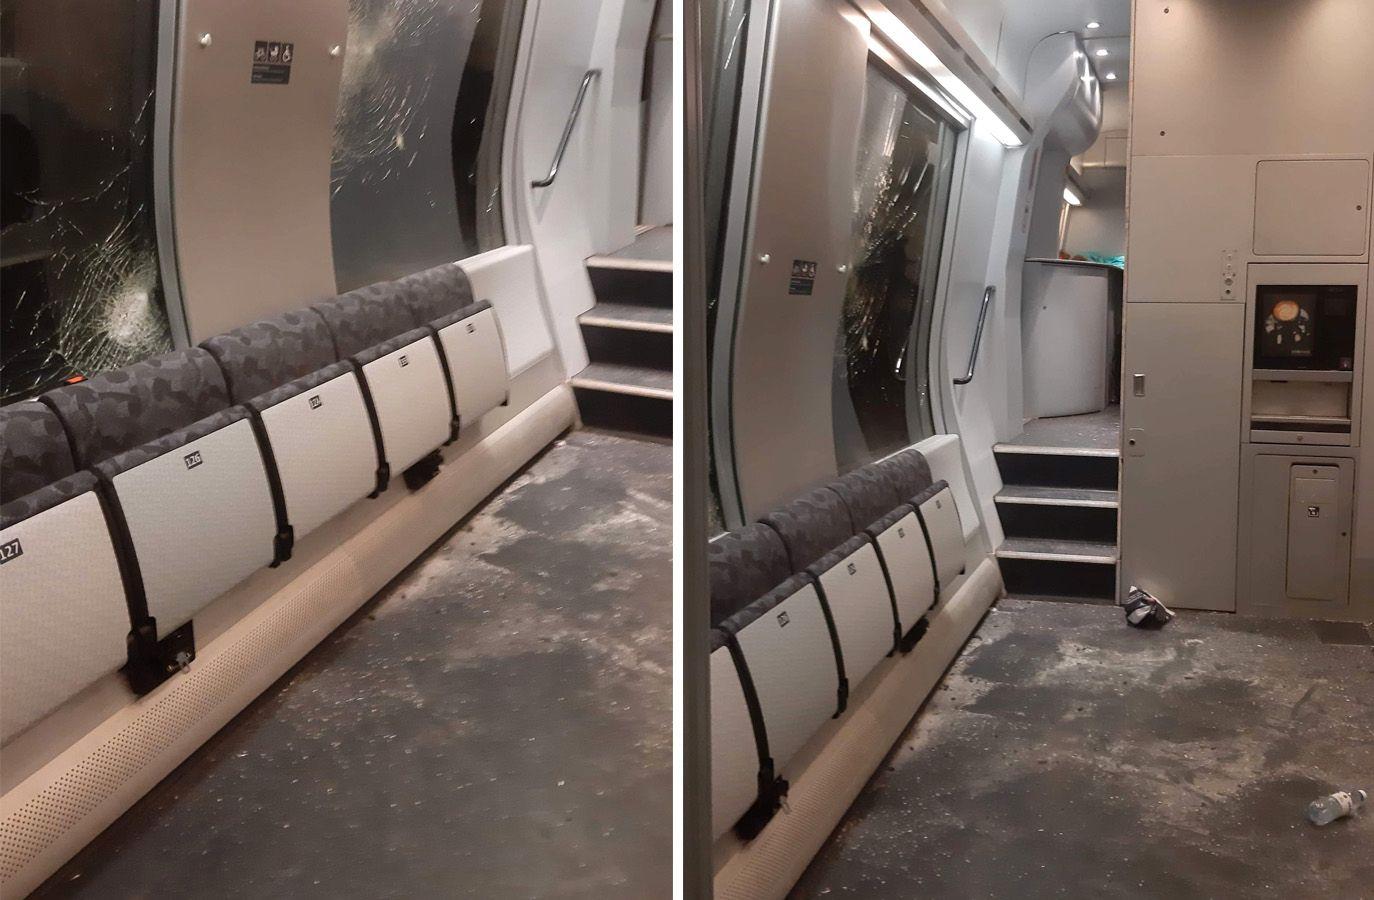 KNUSTE VINDUER: Heidi tok disse bildene om bord i toget etter ulykken.